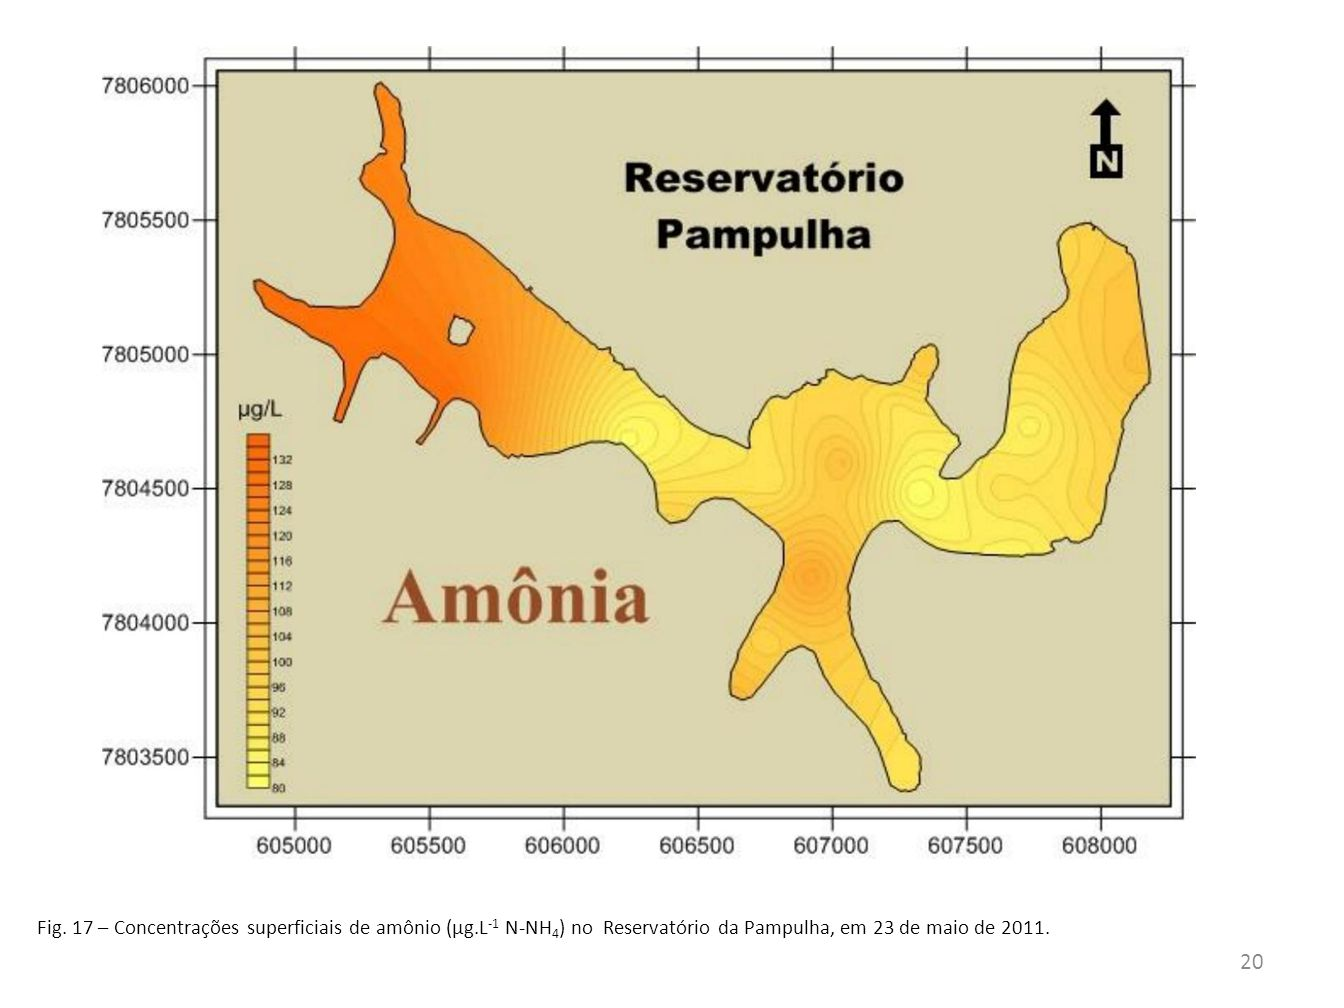 Fig. 17 – Concentrações superficiais de amônio (µg